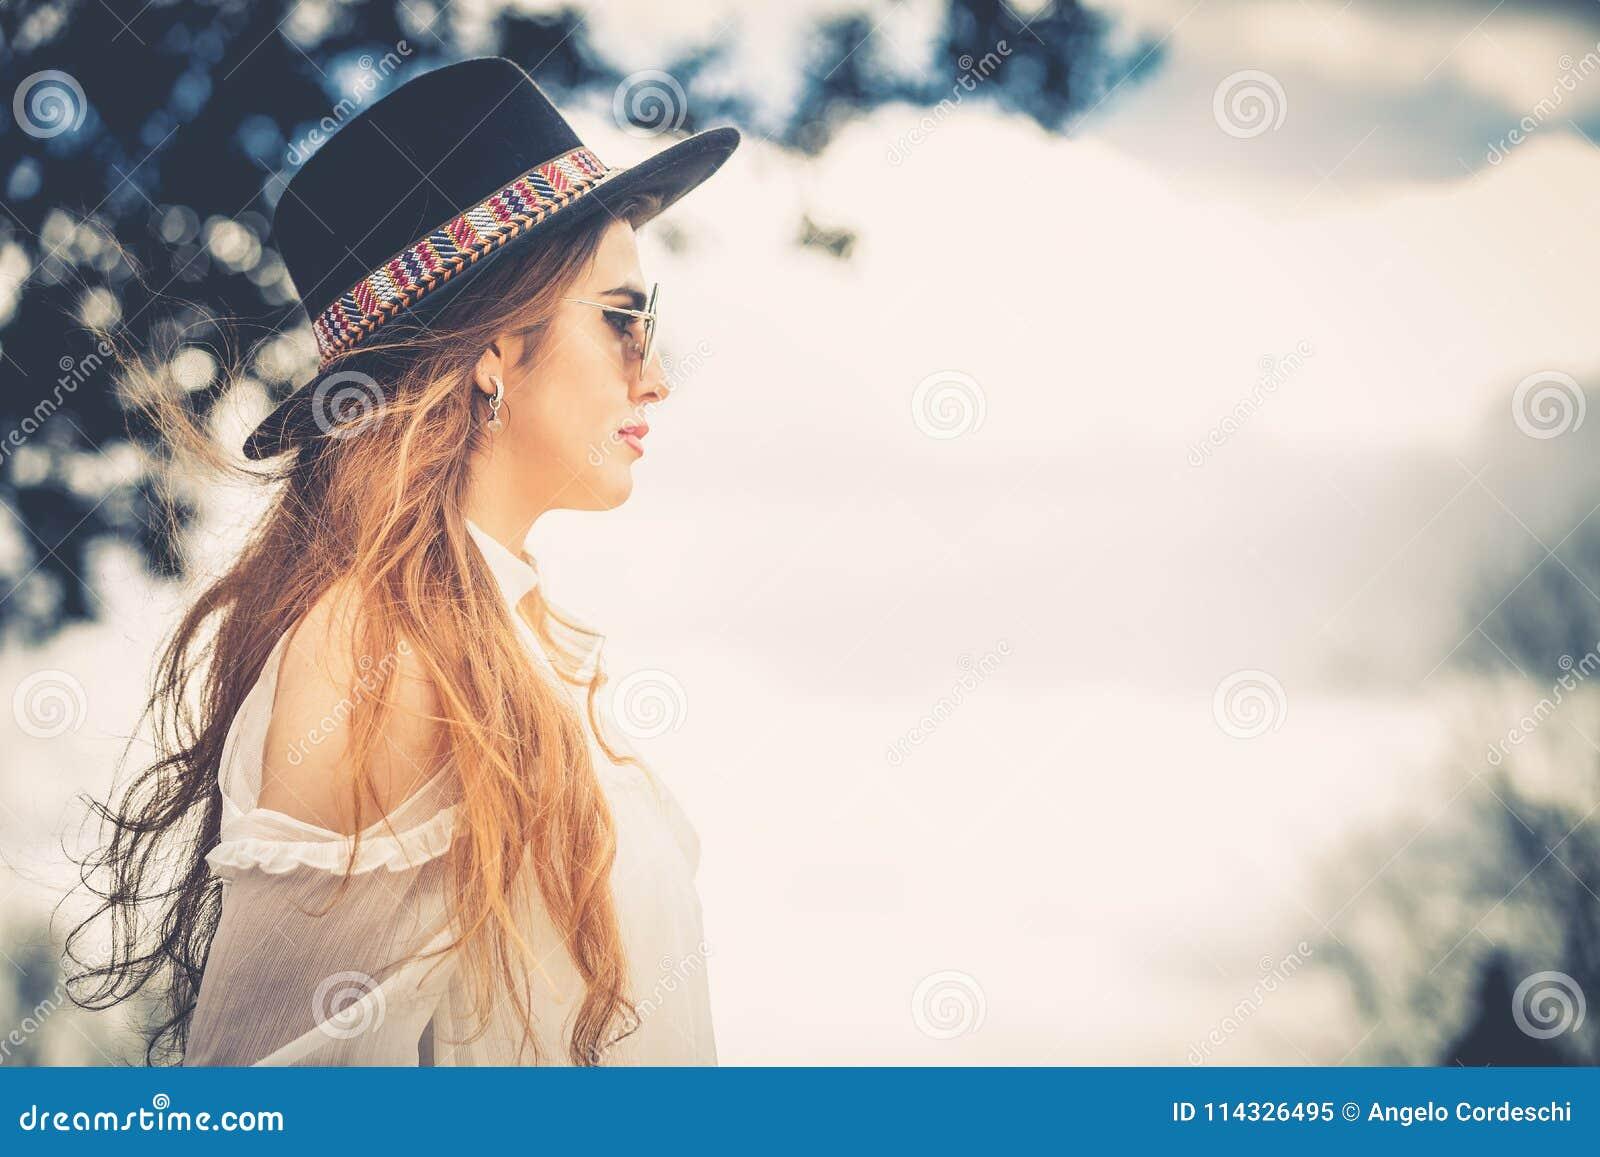 Profiel van modieus vrouwen lang haar met hoed en zonnebril